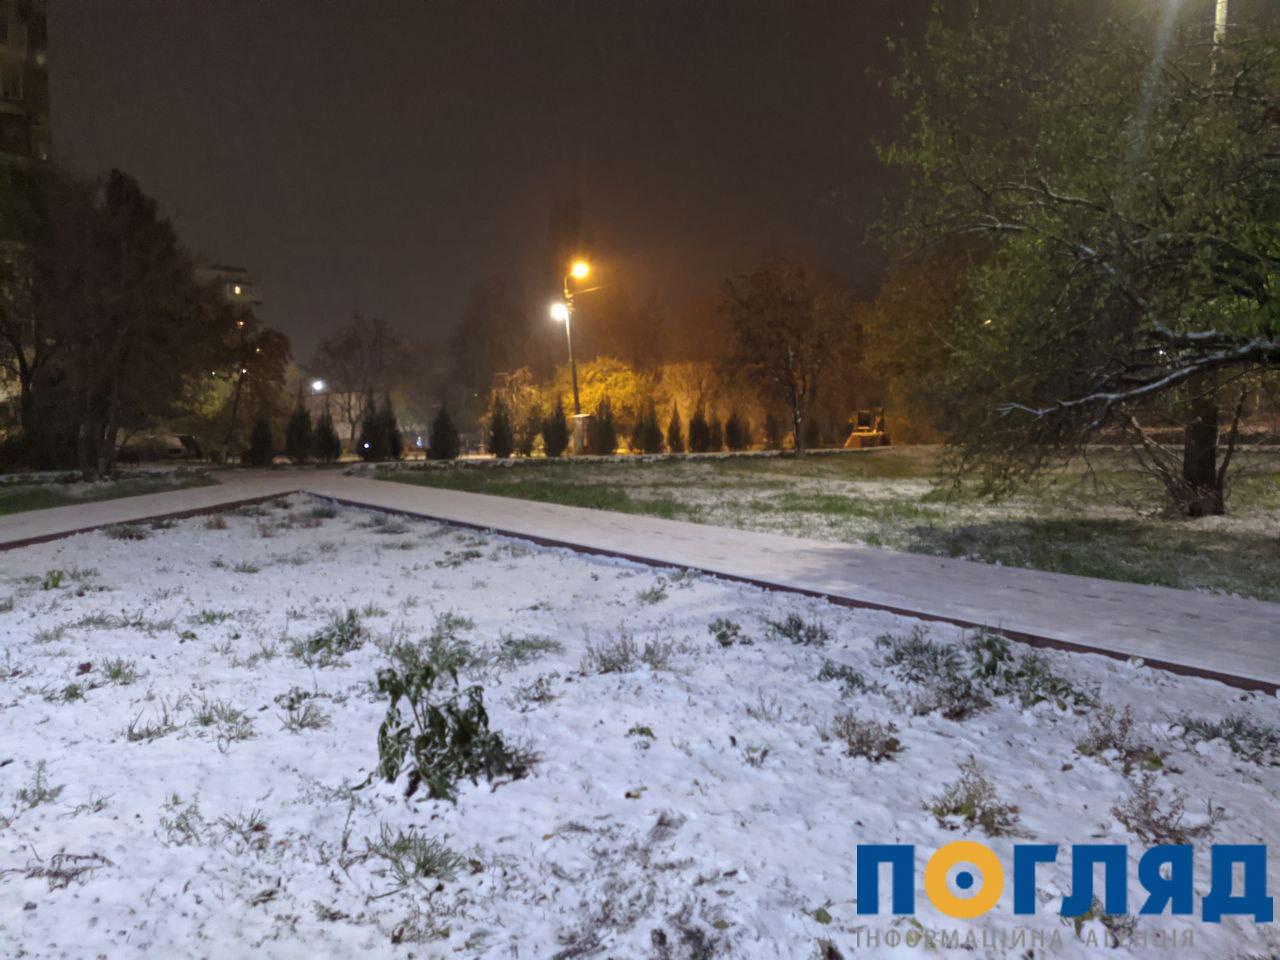 Засніжило: на Київщині випав перший сніг (ФОТО) - сніг, погода, перший сніг - 17 sneg obuhov 1